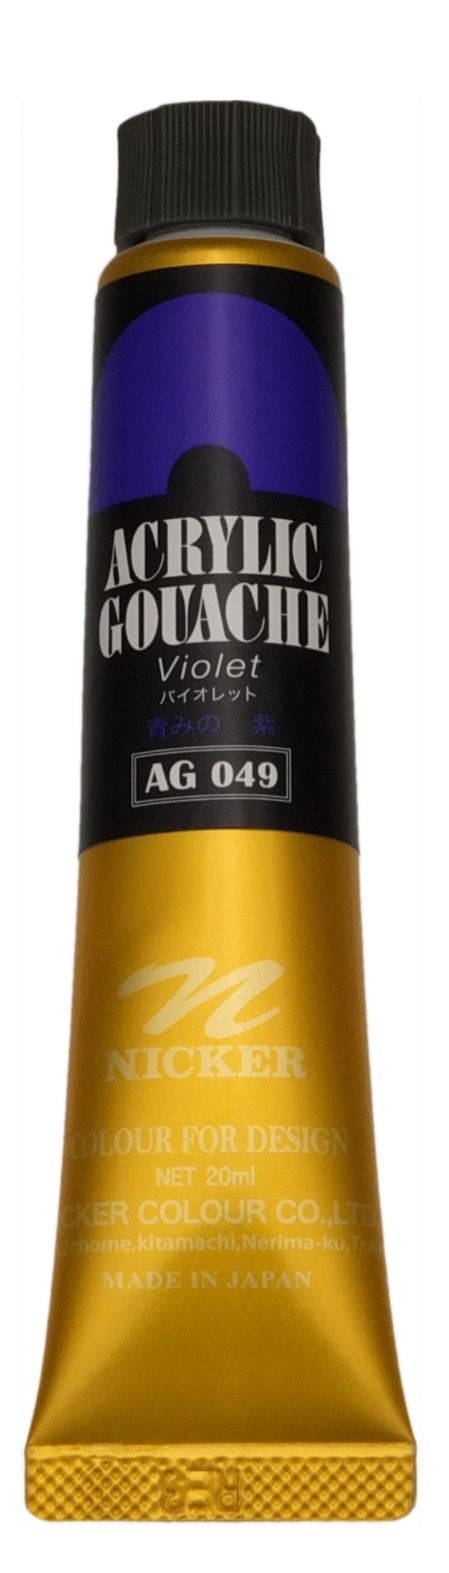 ACRYLIC GOUACHE 20ml AG049 VIOLET